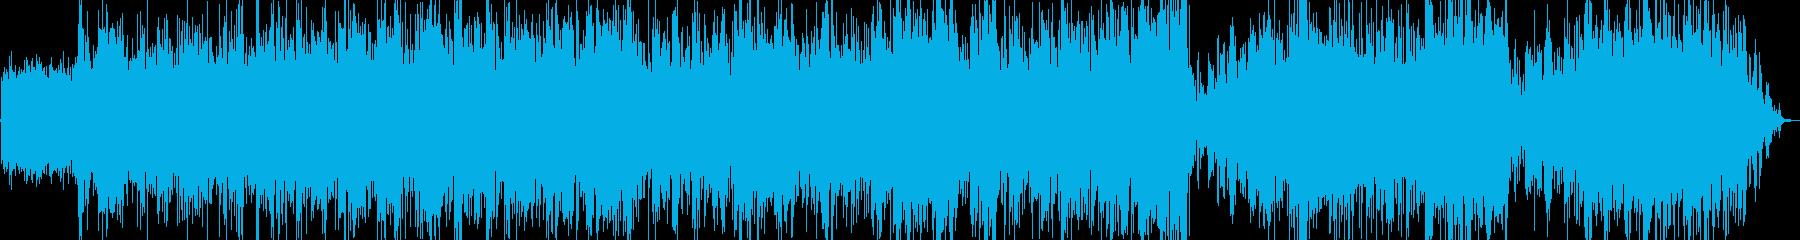 スリングスの旋律が心地良いポップスの再生済みの波形